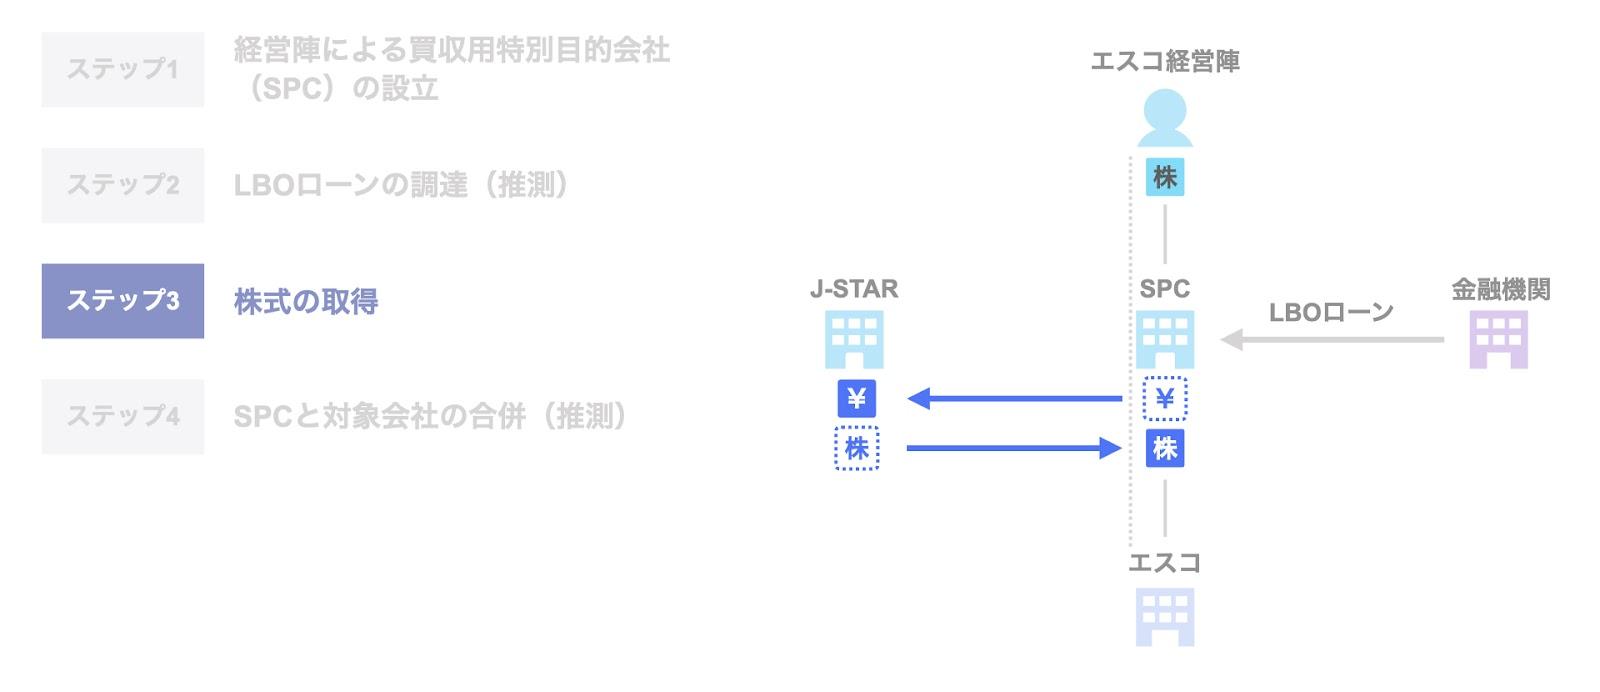 第2段階:2021年のExit時 ステップ3. 株式の取得